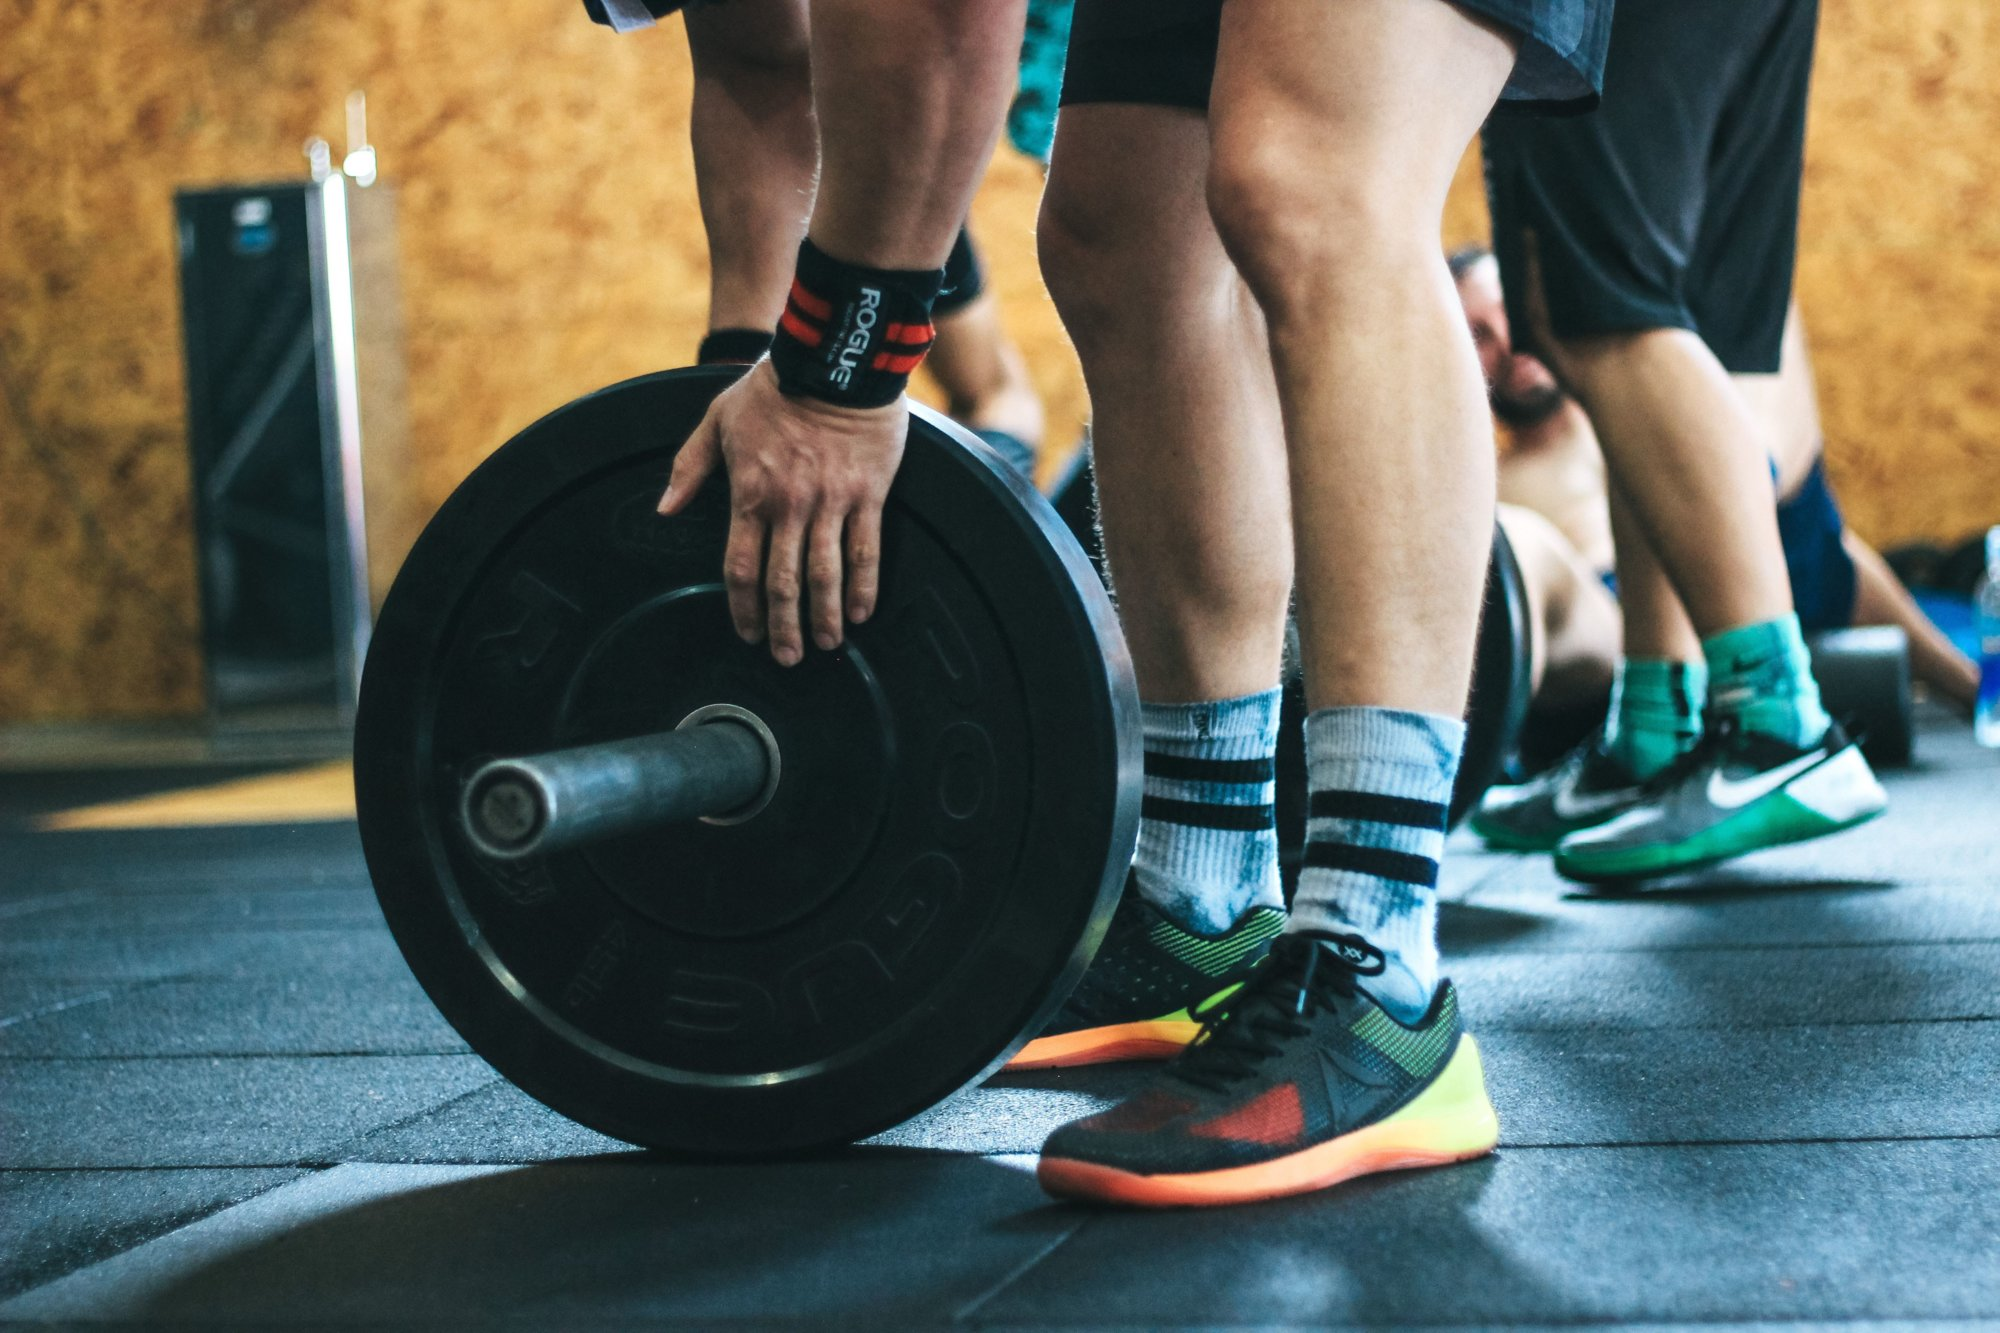 Як можна зекономити на заняттях спортом: 15 лайфхаків